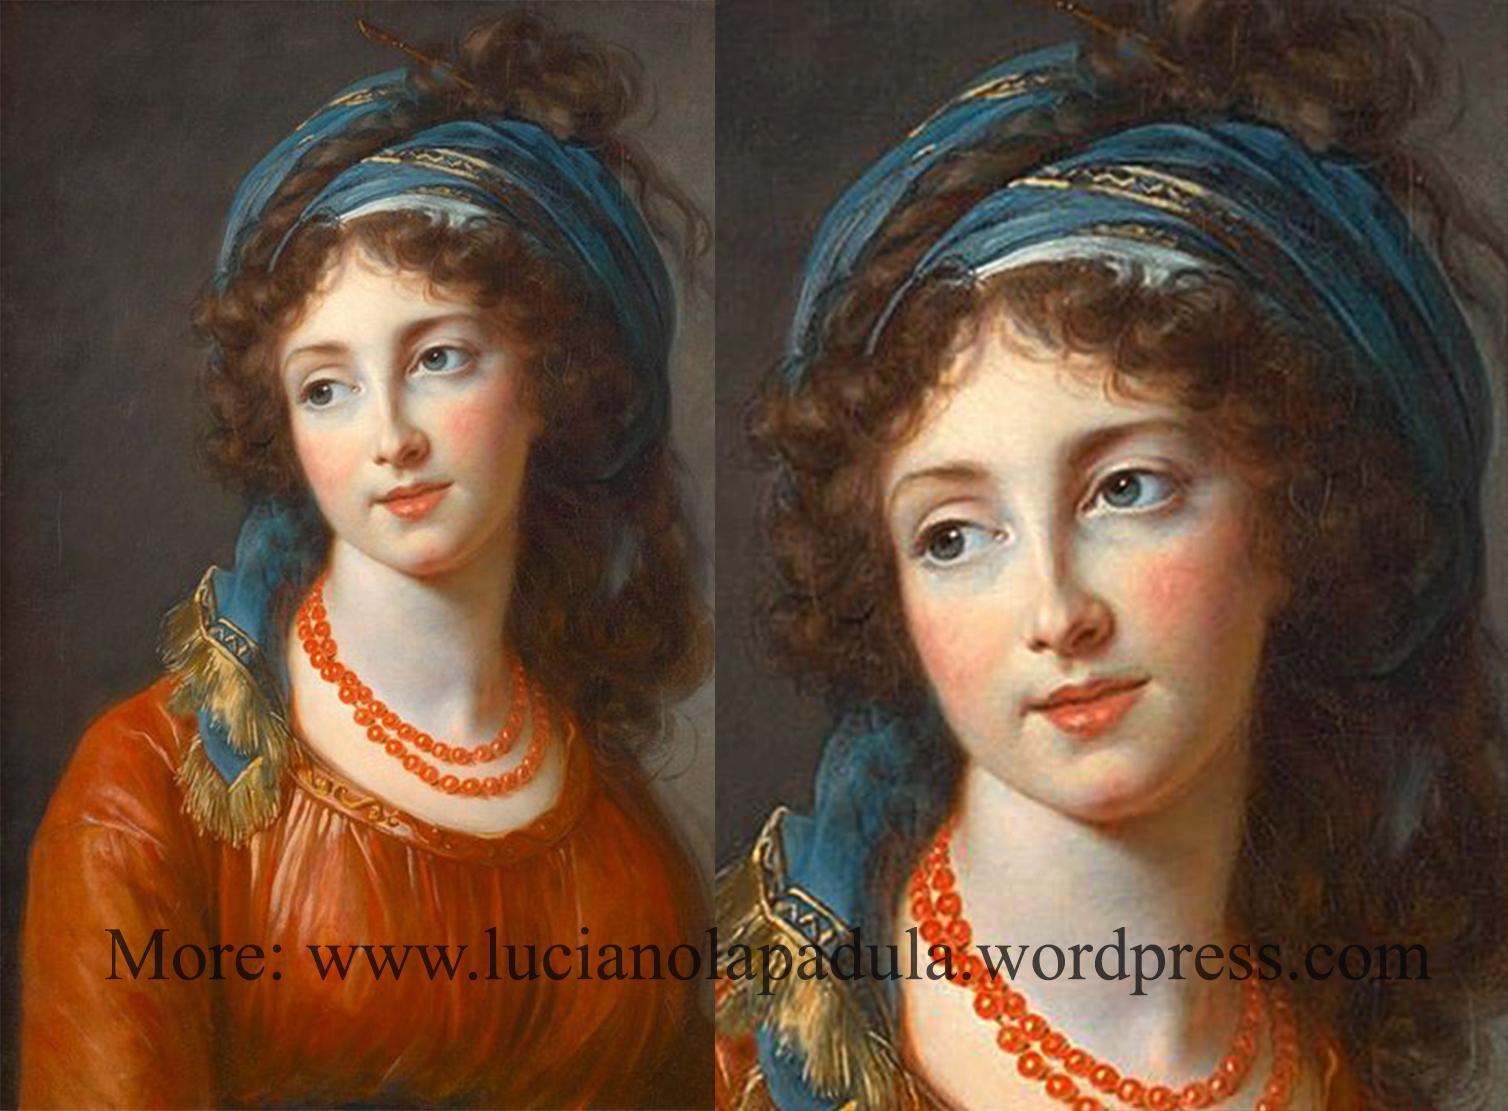 1794 Aglae de Gramont, née de Polignac, duchesse de Guiche by Louise Élisabeth Vigée-Lebrun